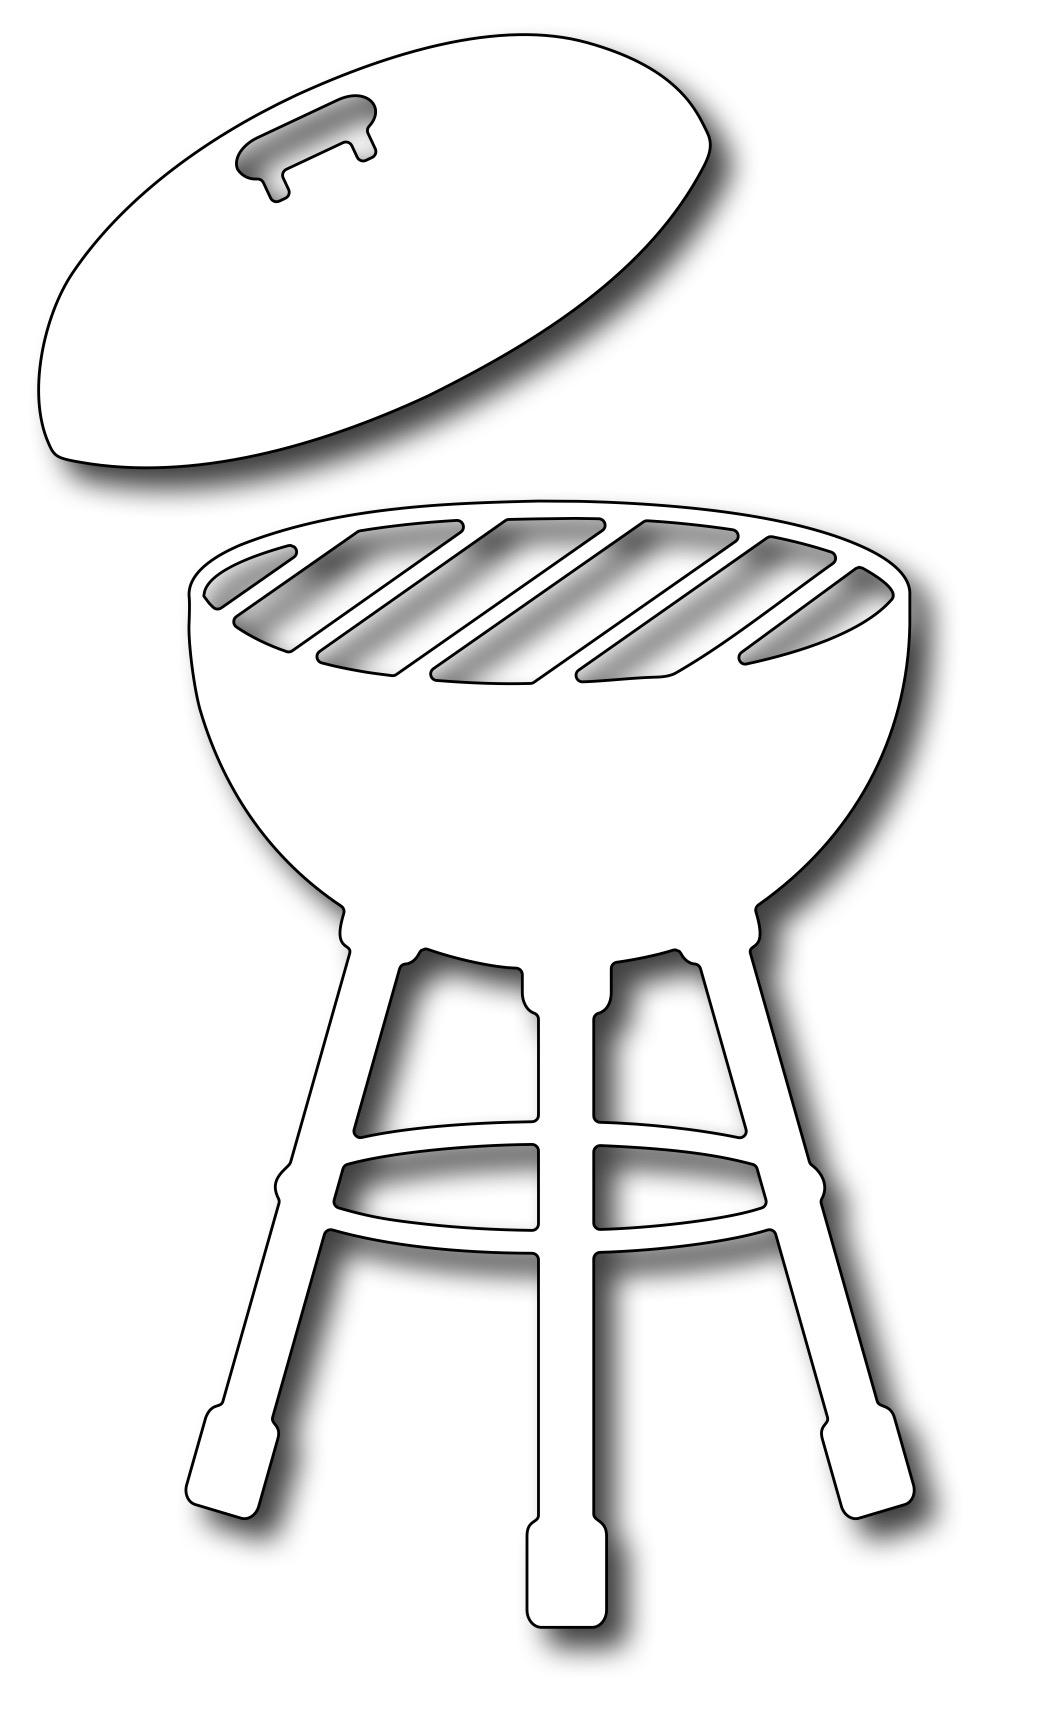 Image result for FRAntic  stamper grill